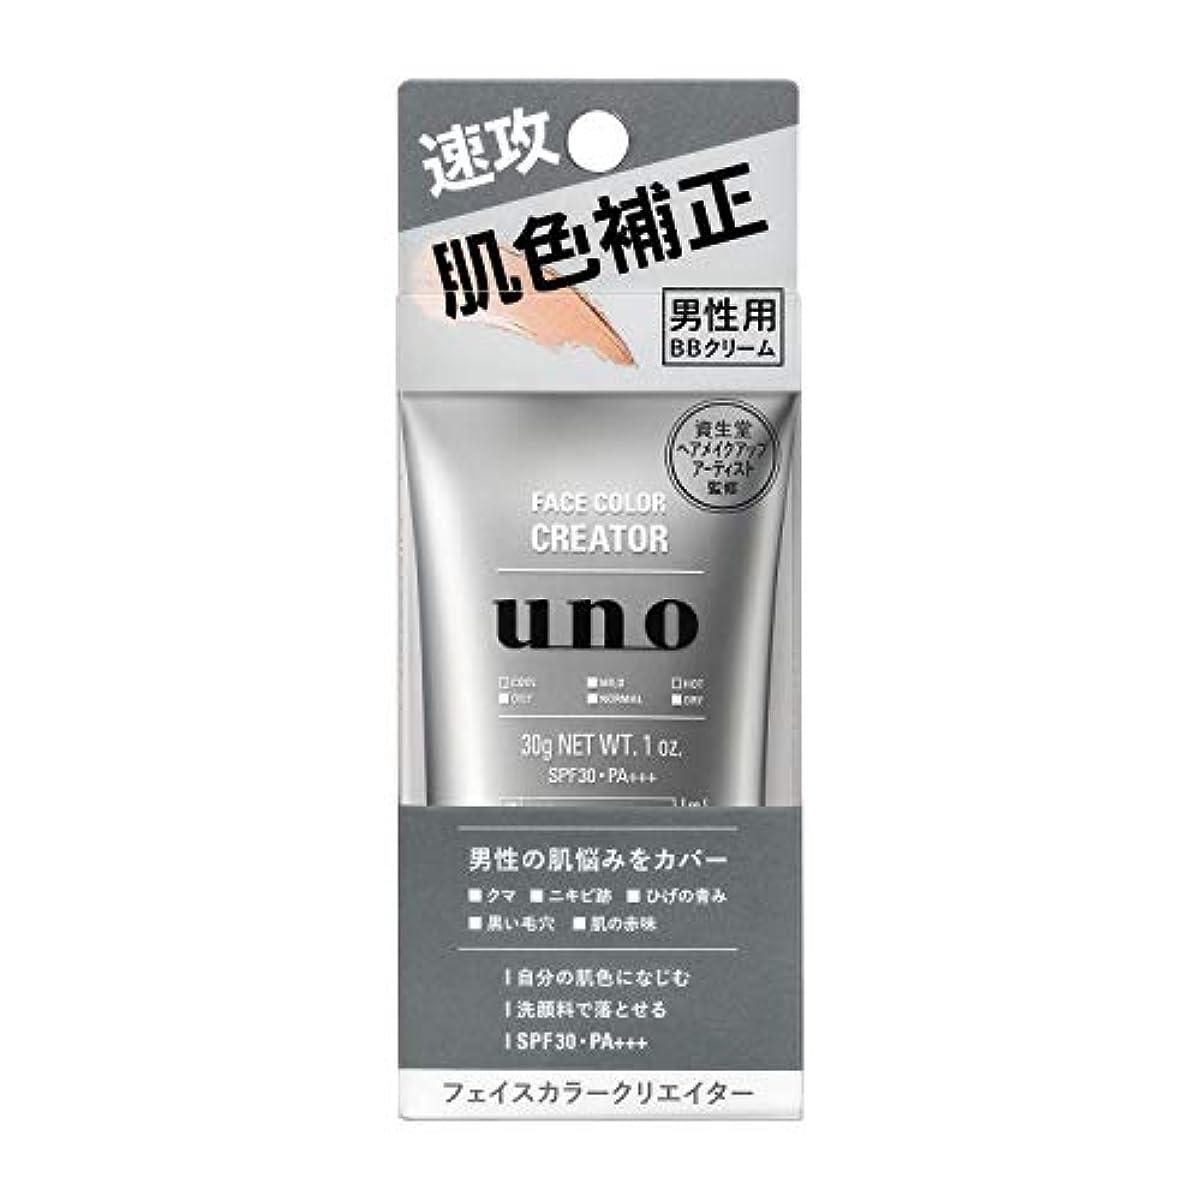 増幅するボルト夕方UNO(ウーノ)フェイスカラークリエイター BBクリーム メンズ SPF30 PA+++ 30g